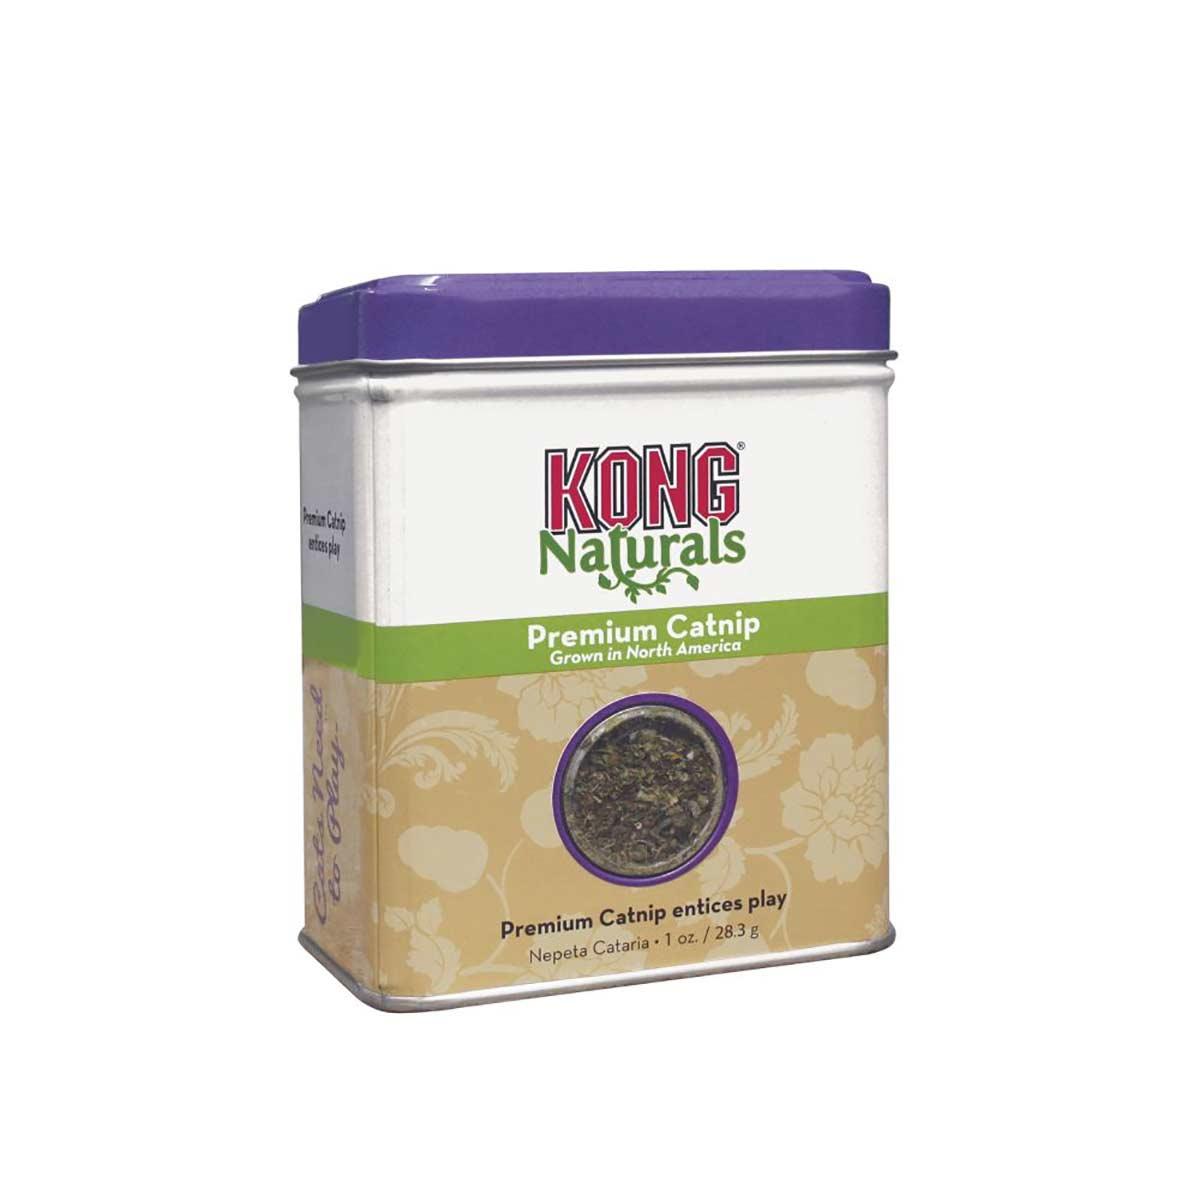 KONG Naturals Premium Catnip 1 oz